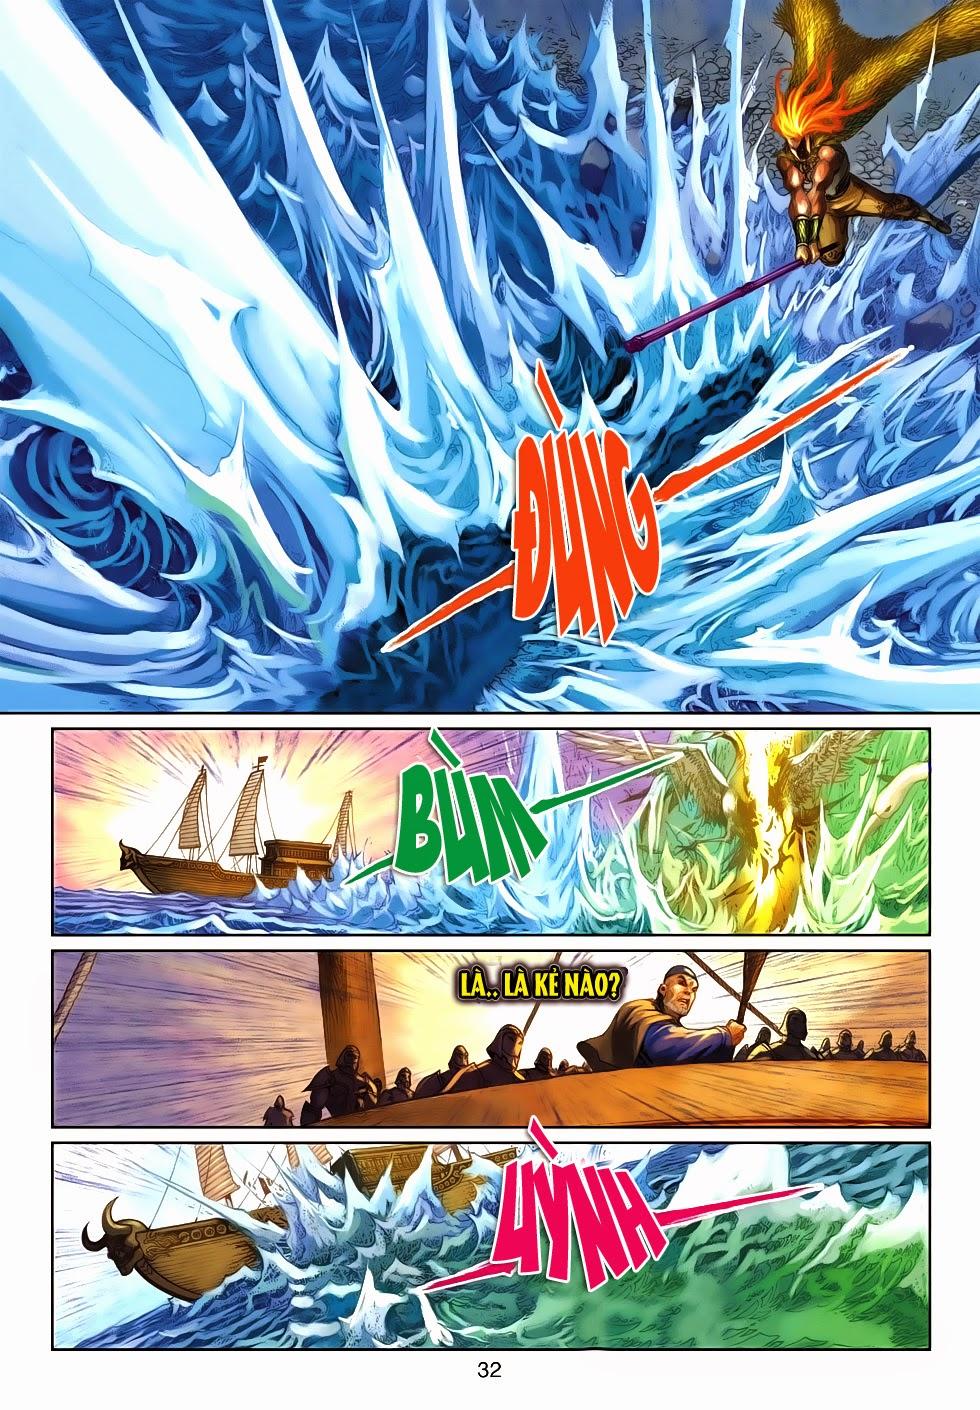 Thần Binh Tiền Truyện 4 - Huyền Thiên Tà Đế chap 10 - Trang 32